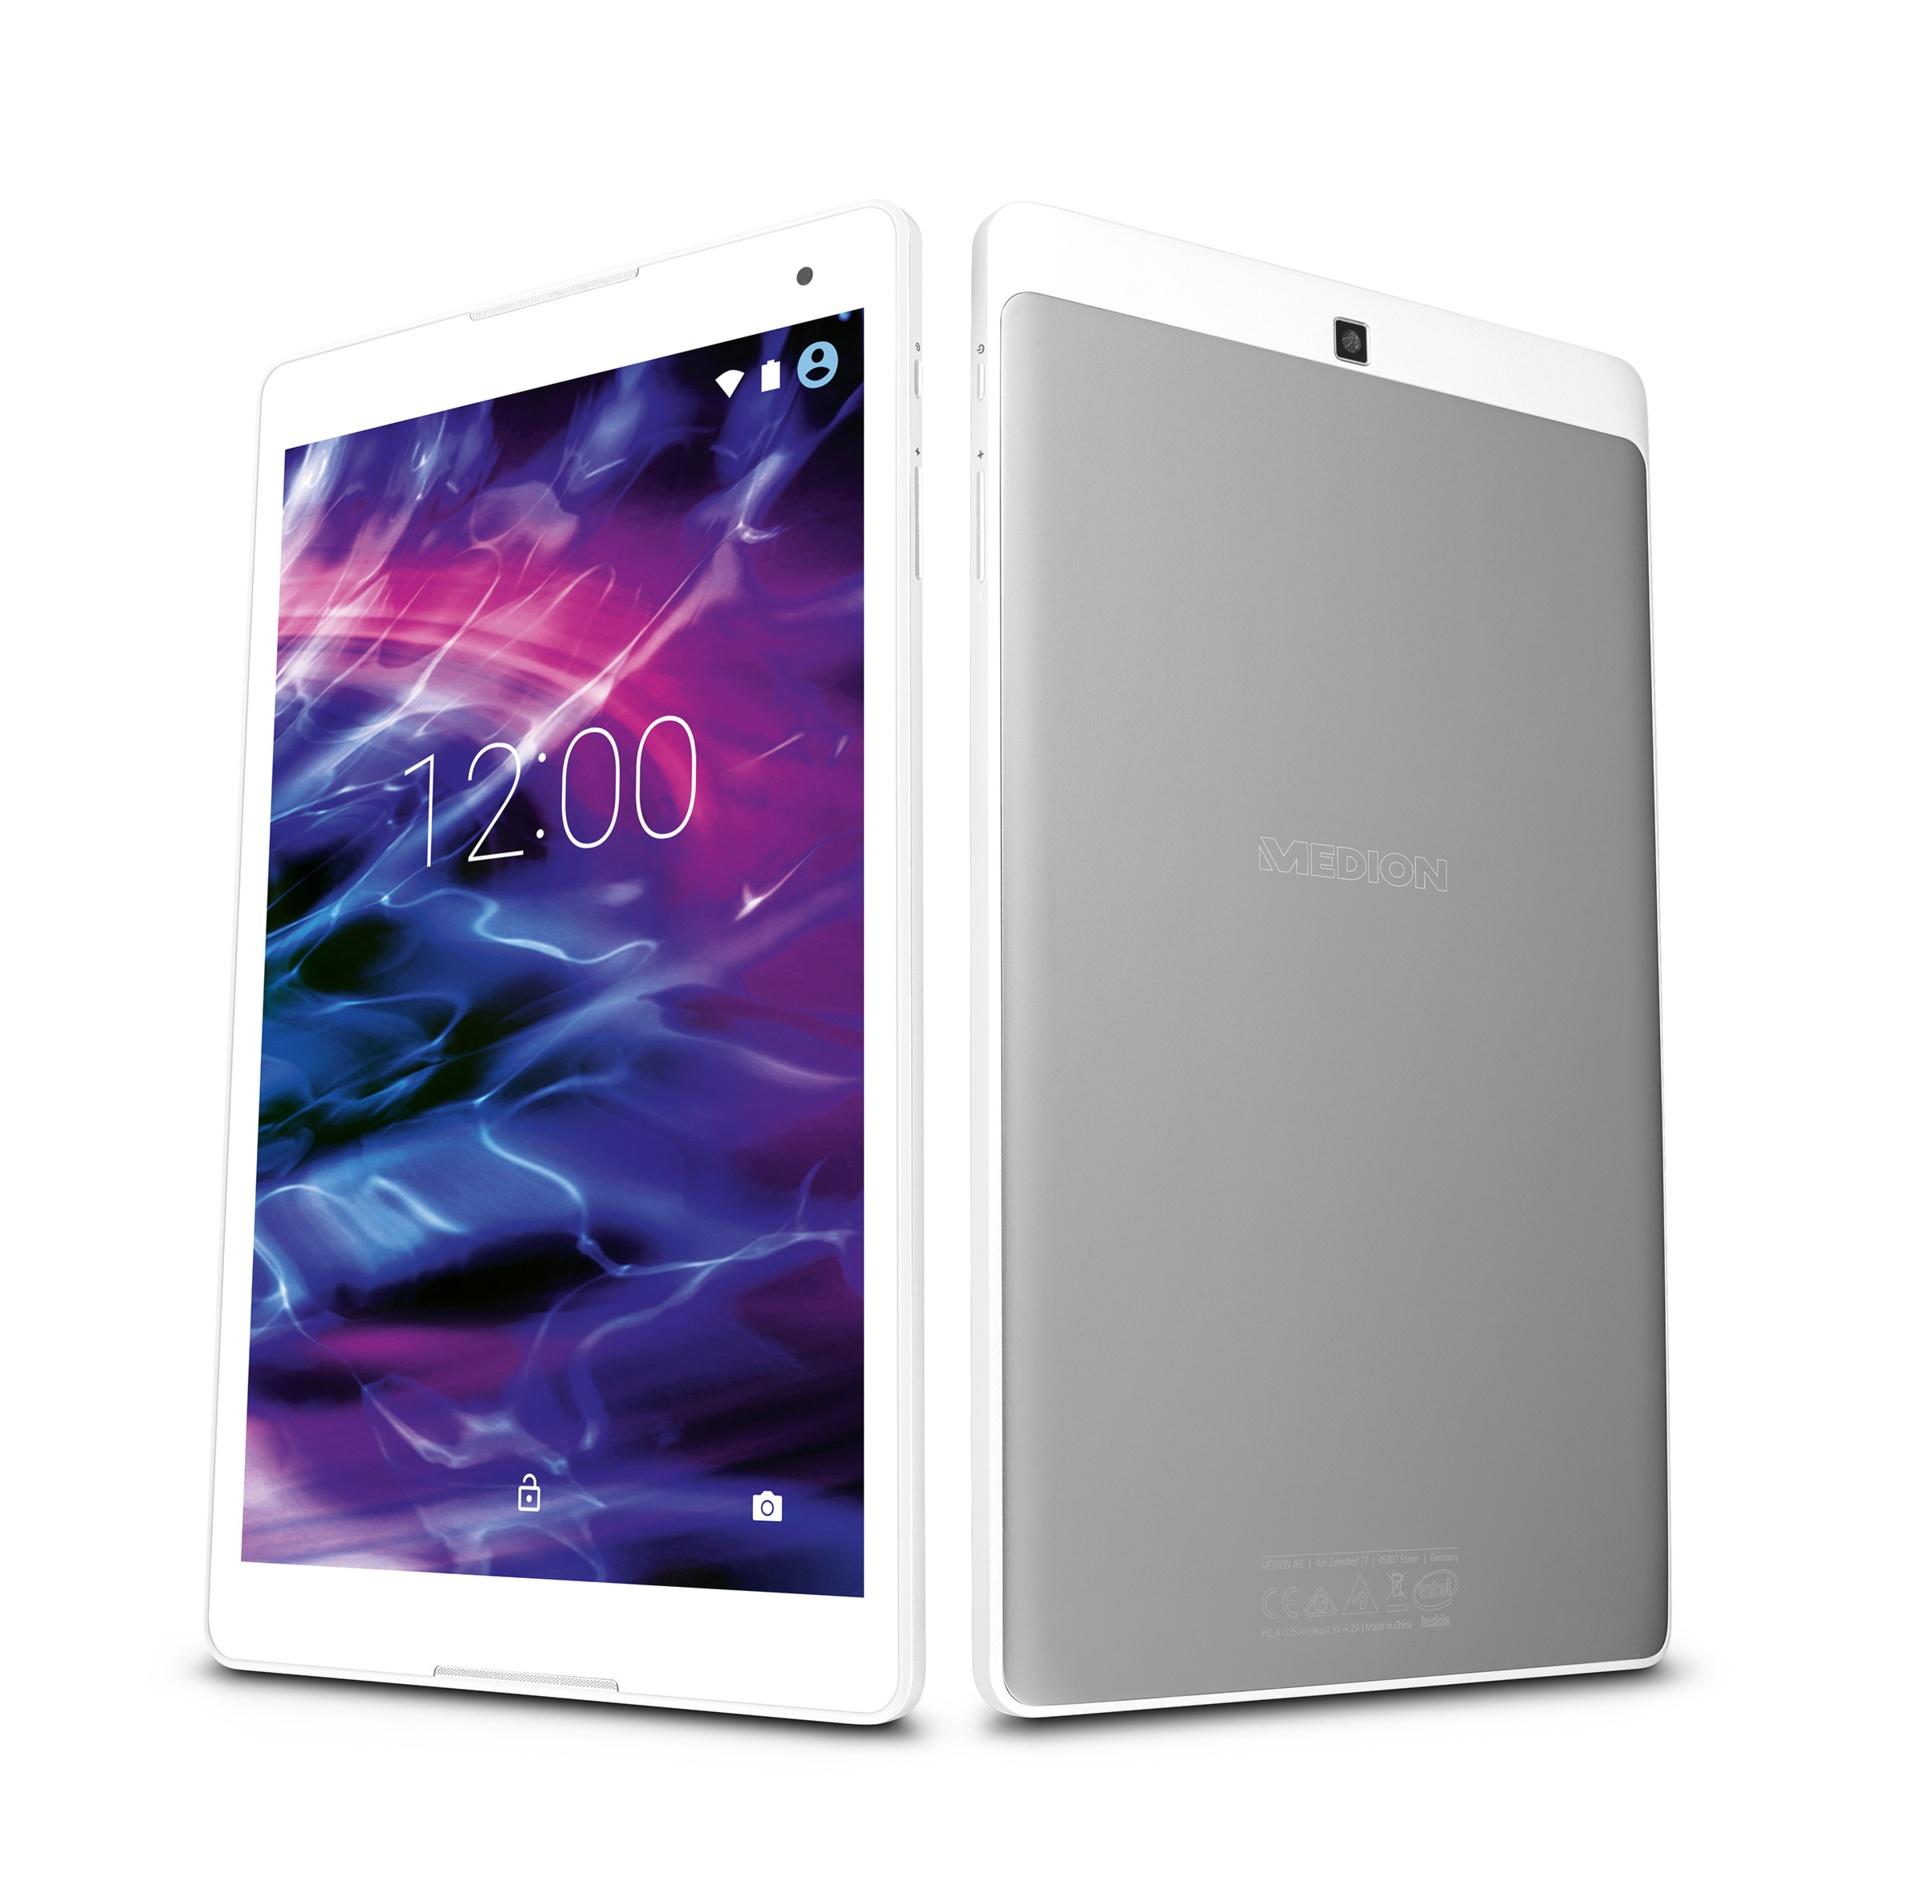 Medion P10506: Full-HD-Tablet mit HDMI-Buchse gibt es wieder für 200 Euro - Medion P10506 (Bild: Medion)